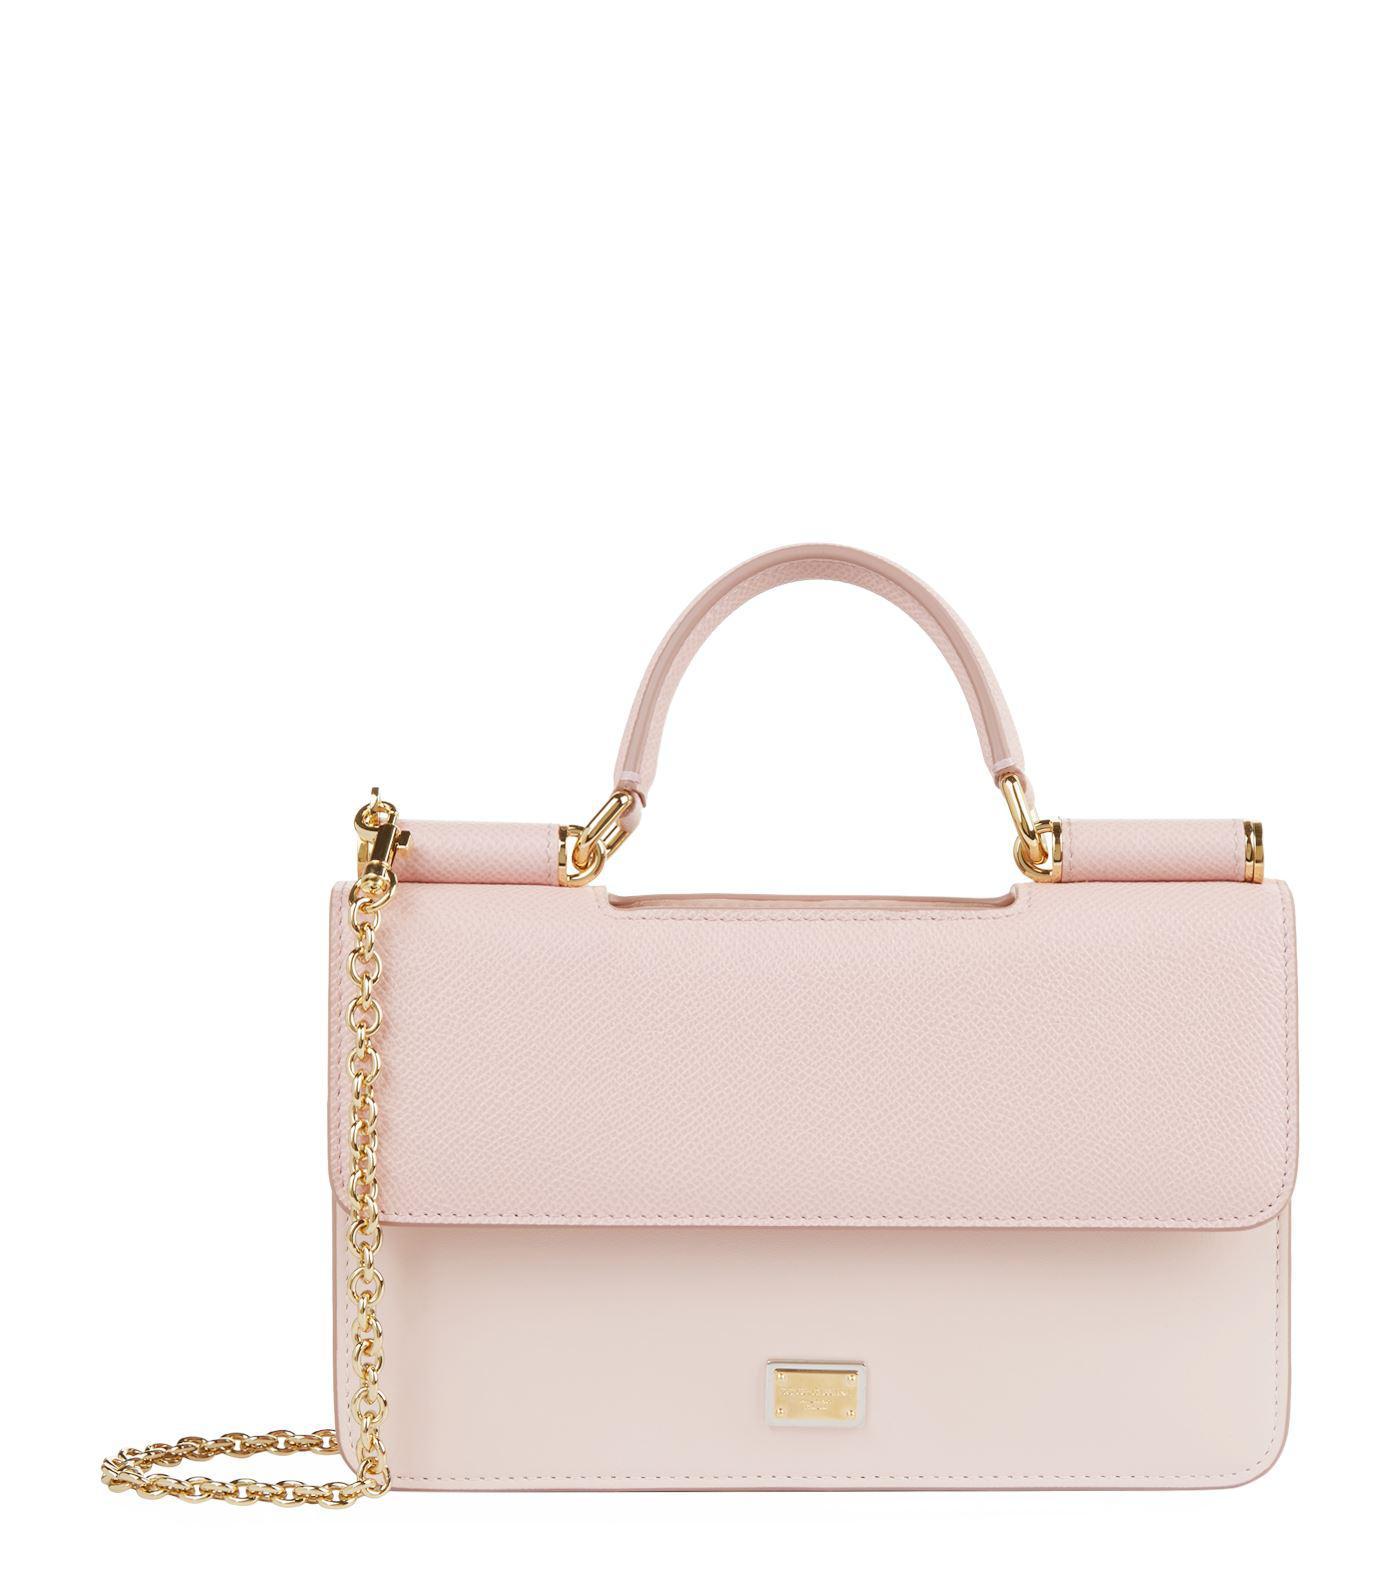 61f0c51094 Lyst - Dolce   Gabbana Von Cross Body Bag in Pink